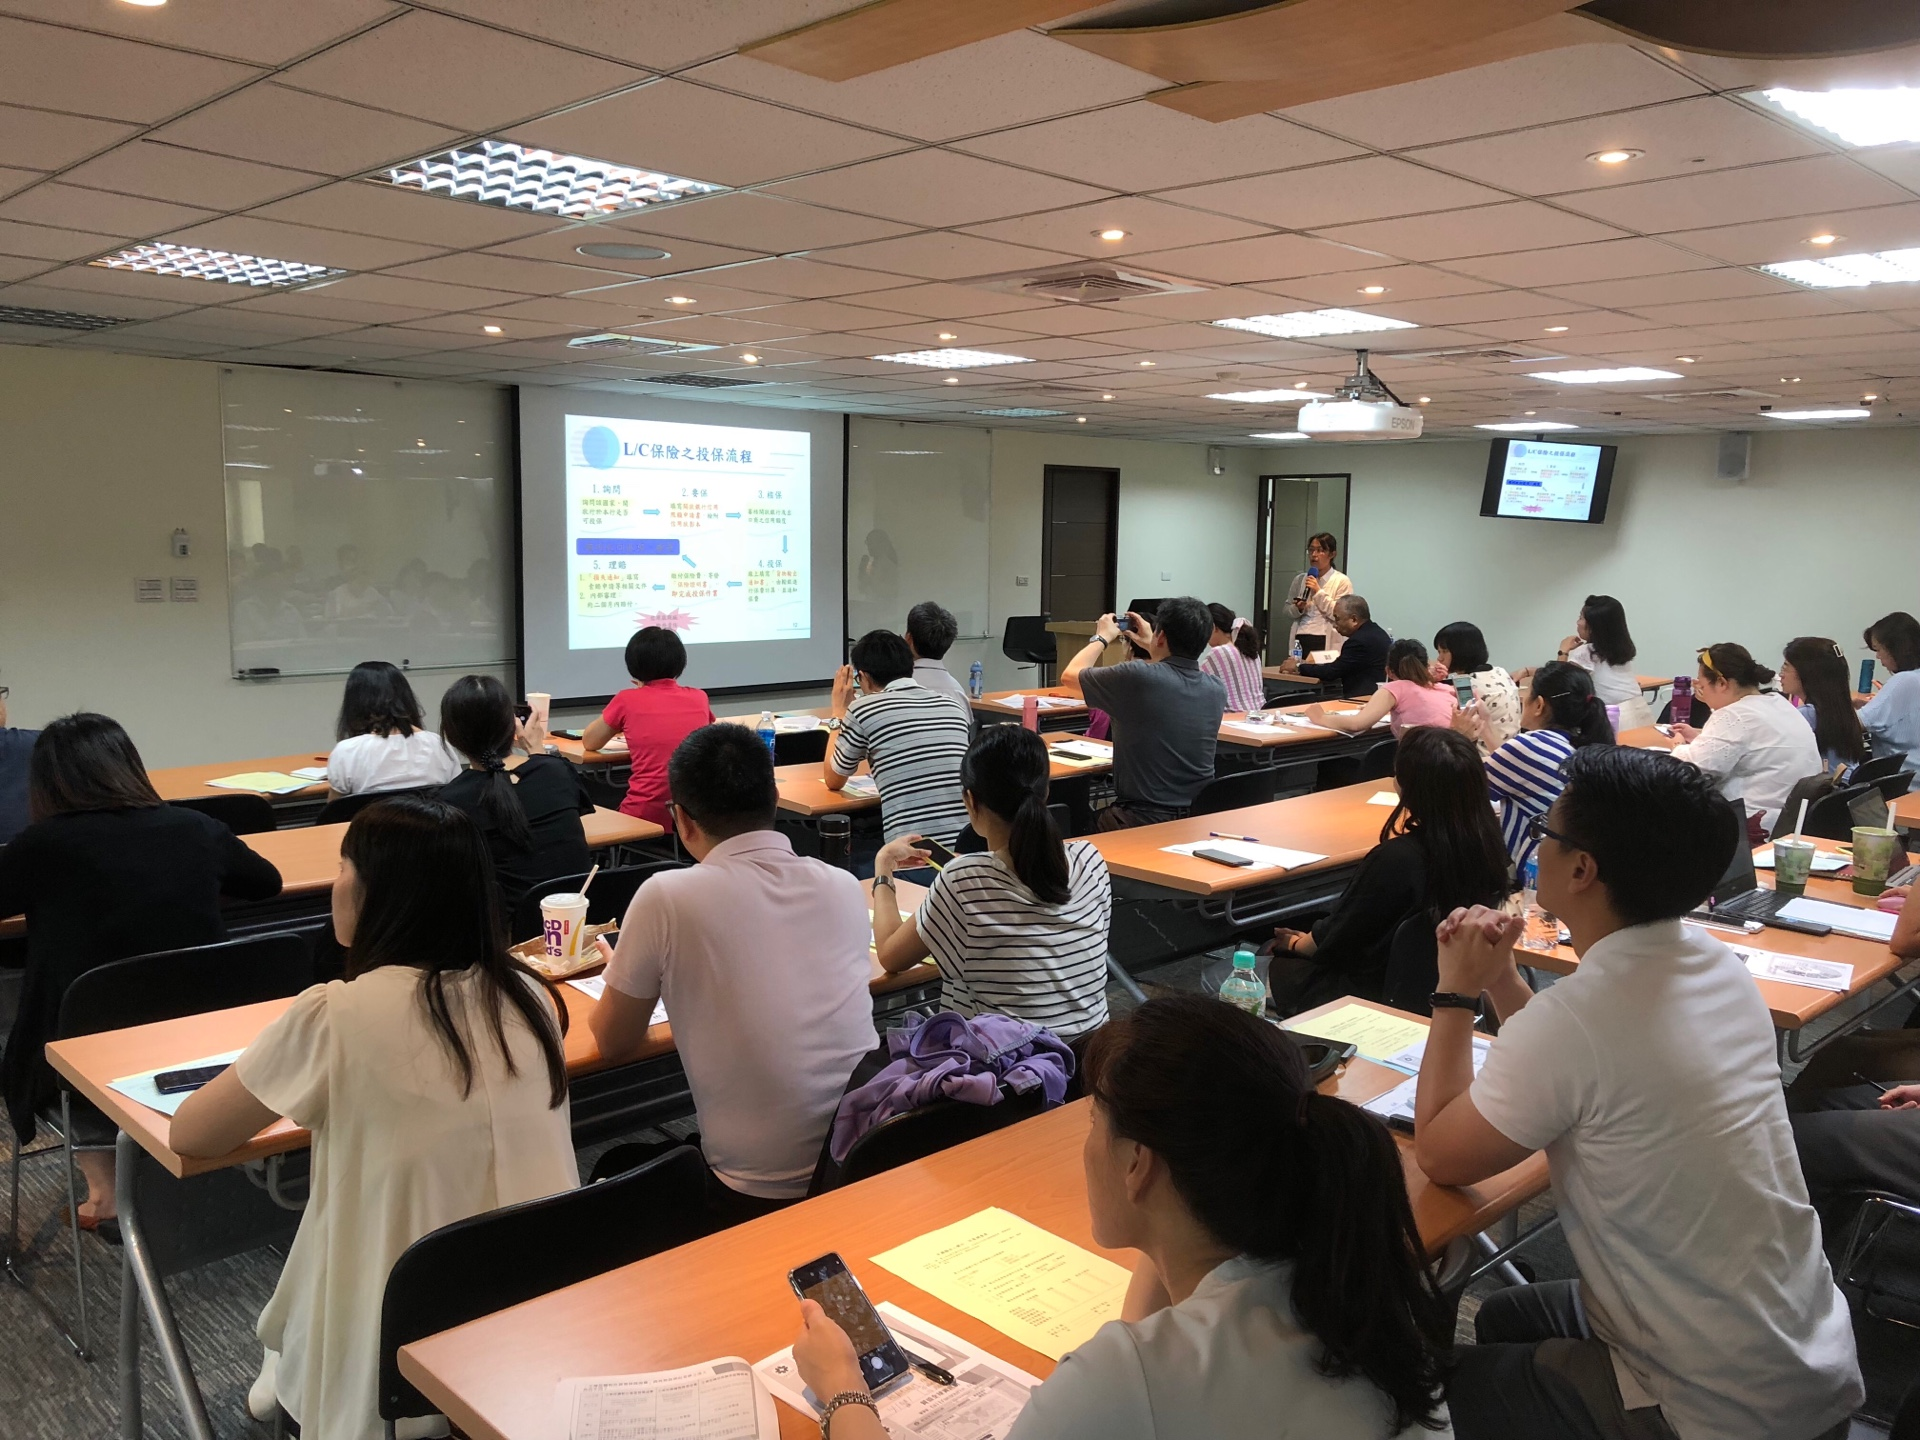 圖片說明-新竹分行與外貿協會新竹辦事處於7月5日舉辦「國際貿易實務與市場開發」研討會